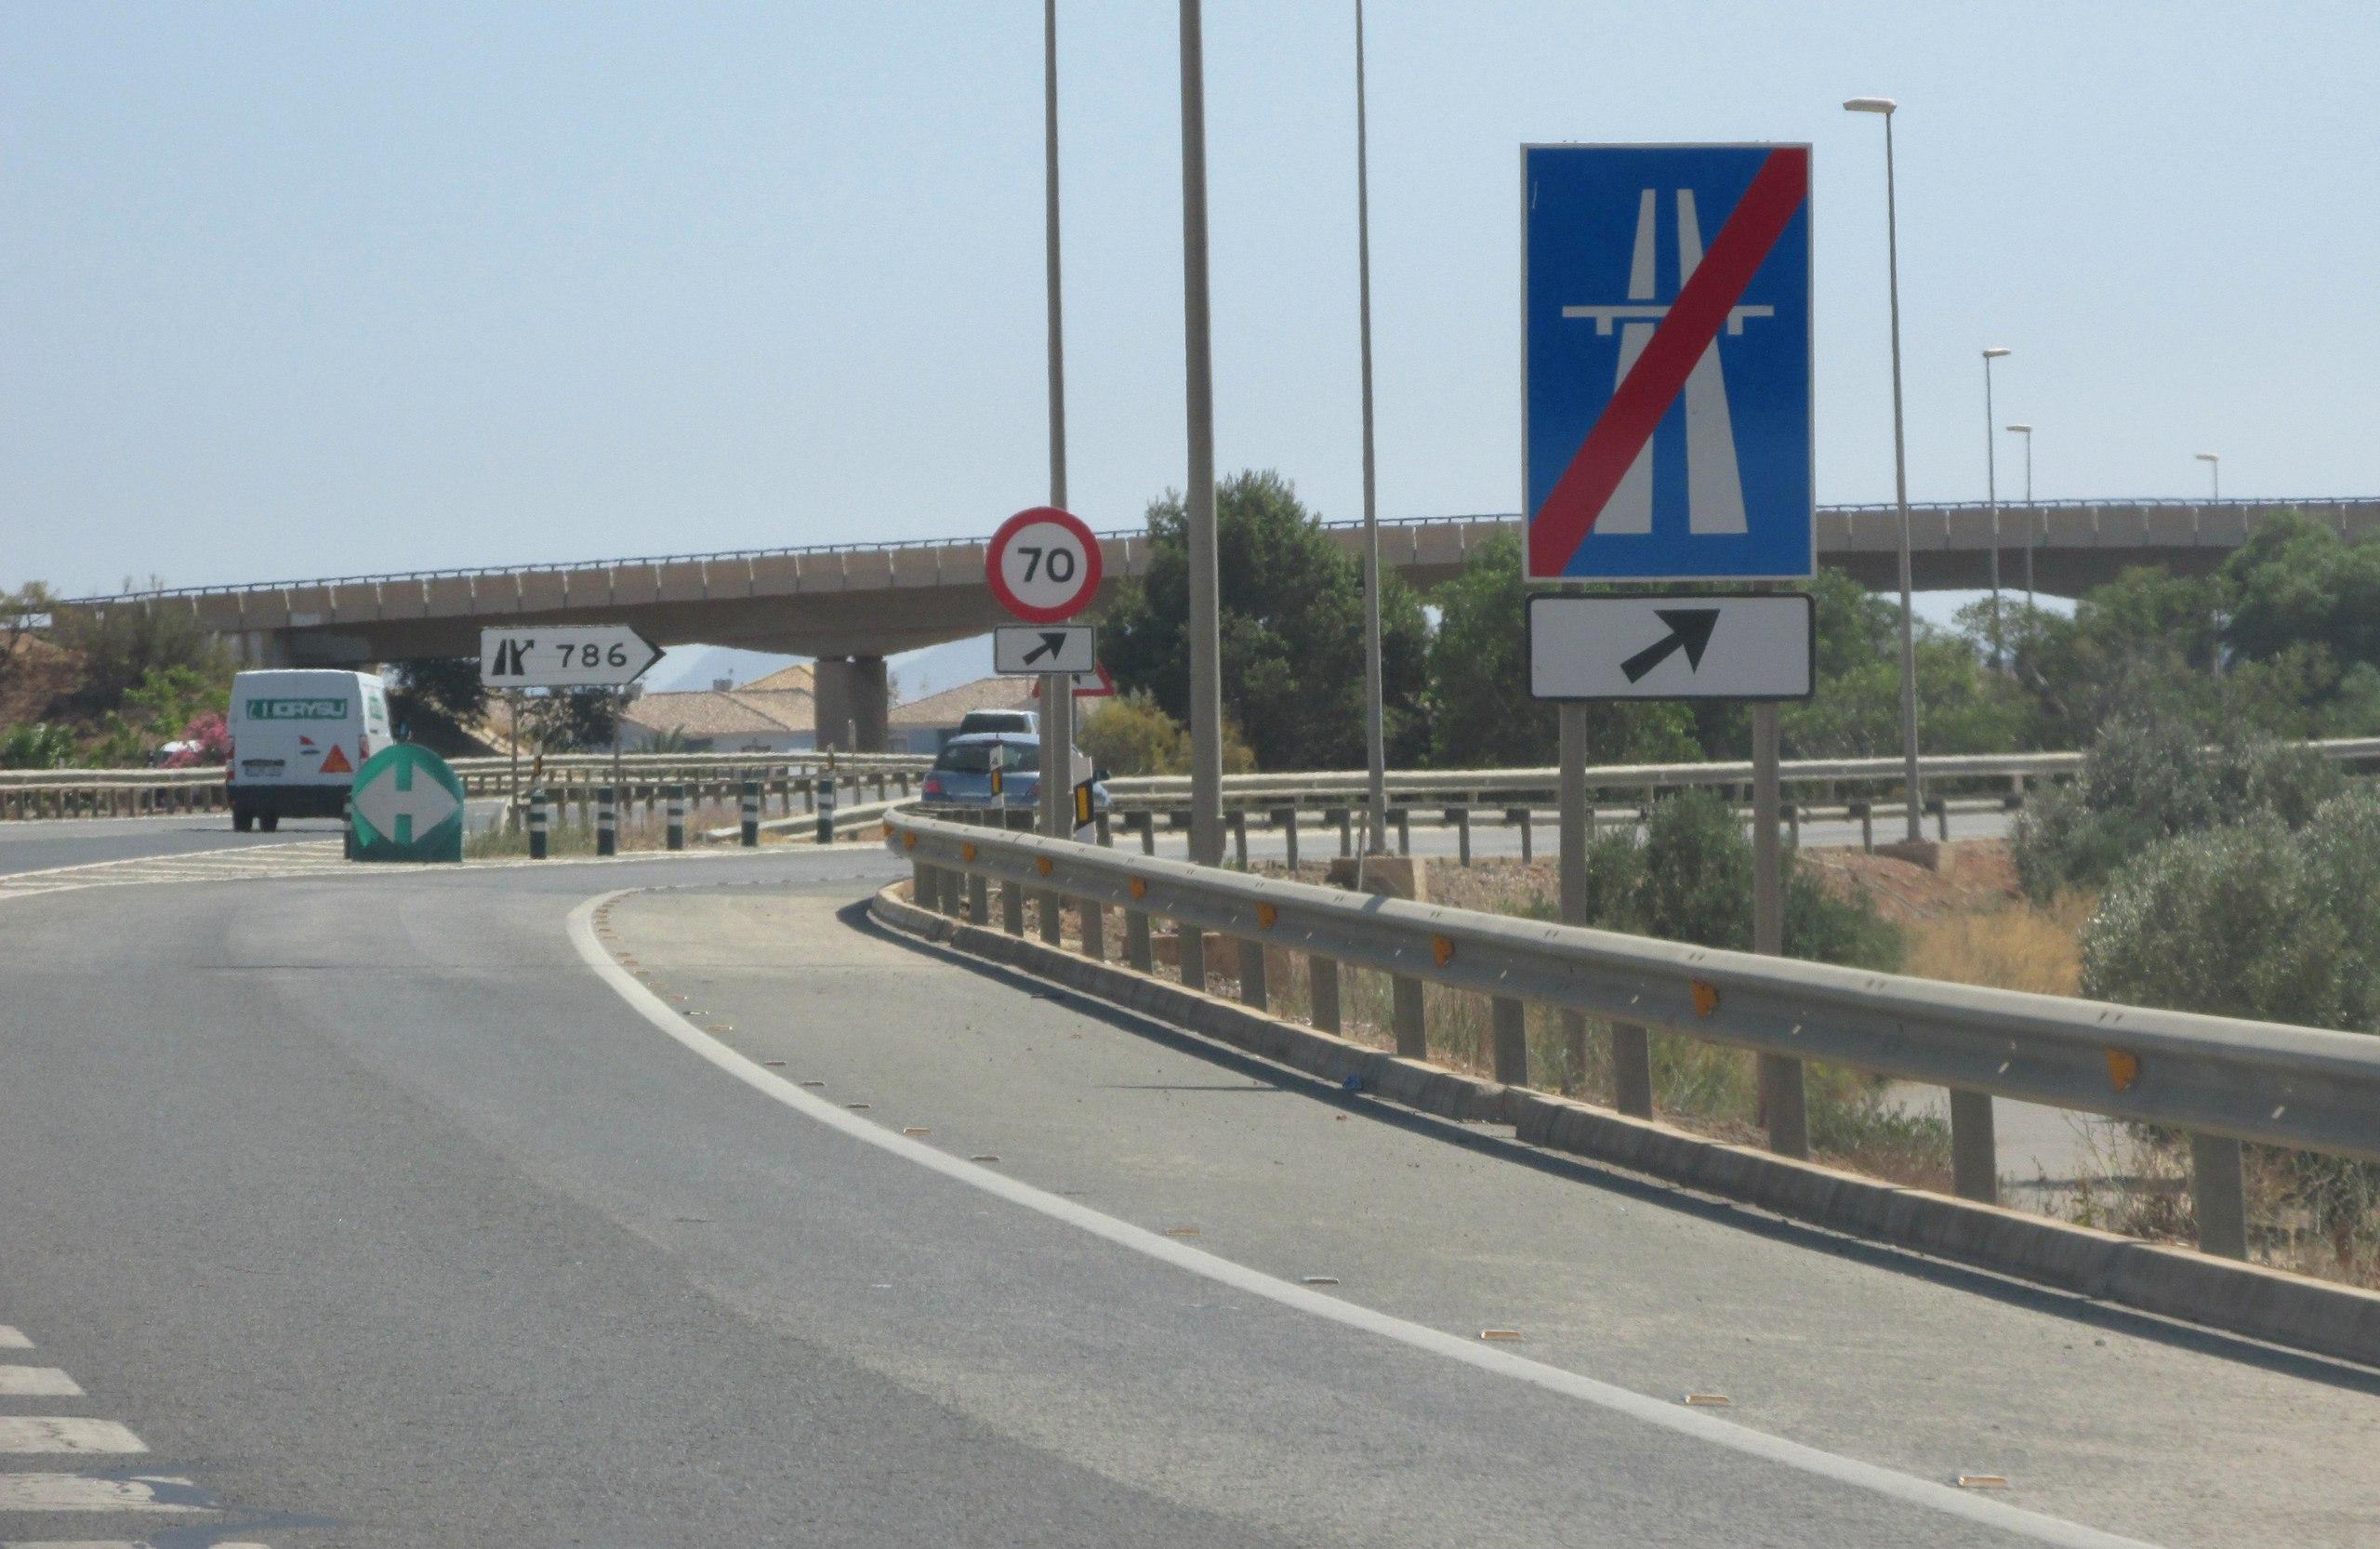 остановка под знаком остановка запрещена для разворота